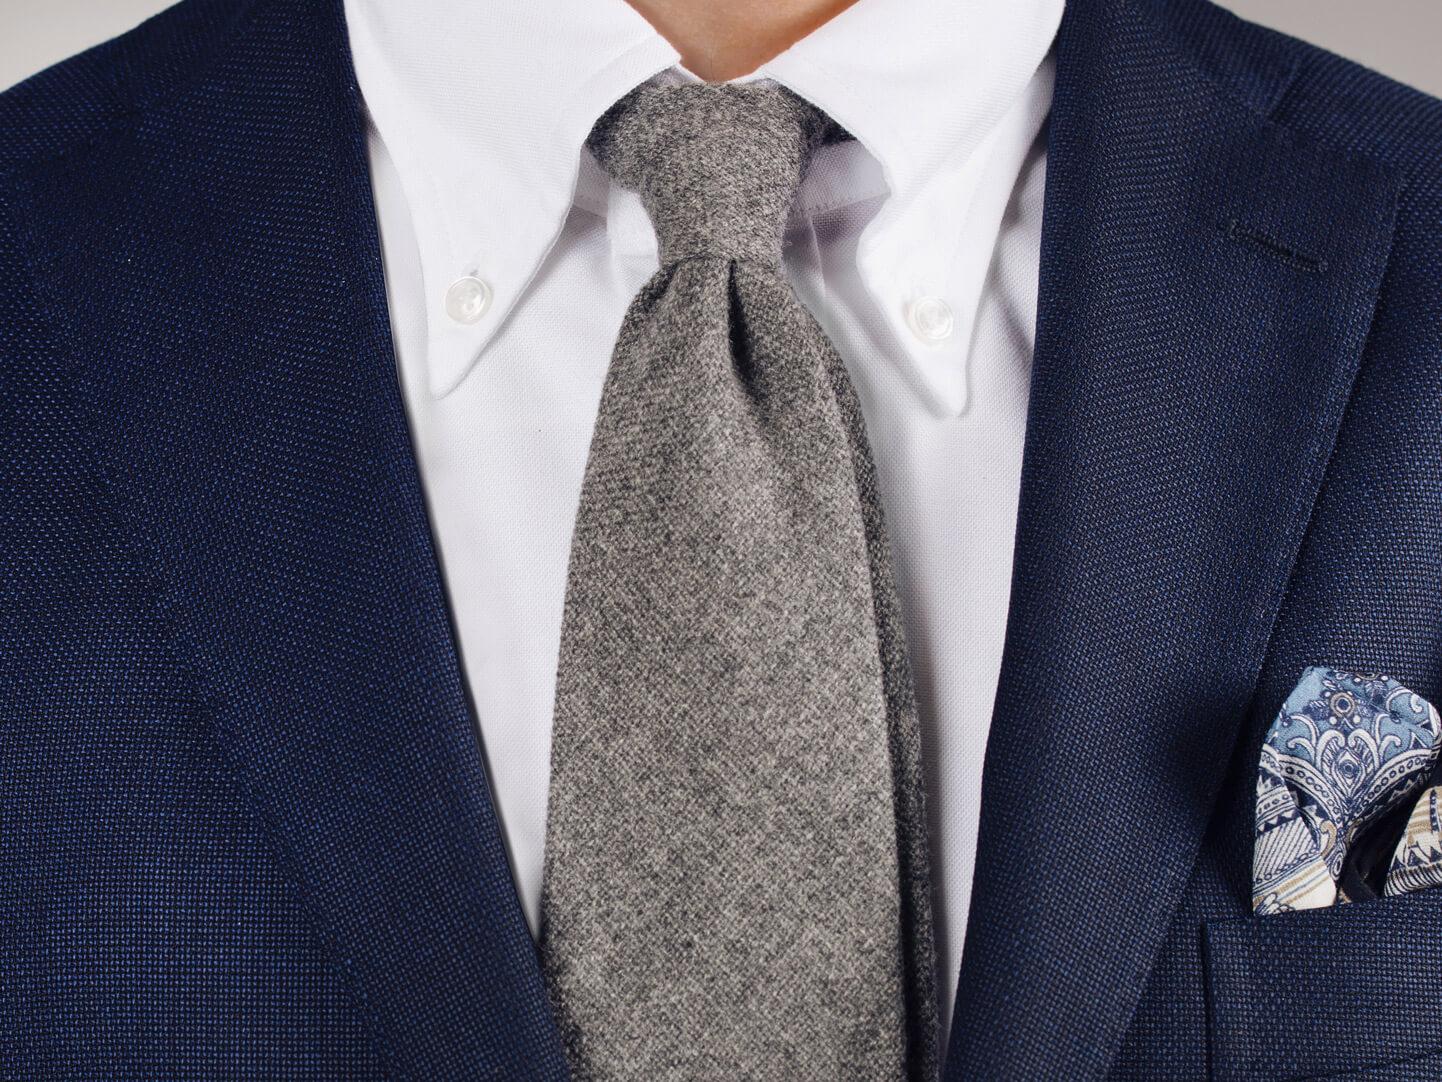 a46f130333b4 Knyta slips: 5 slipsknutar att känna till | CareOfCarl.com